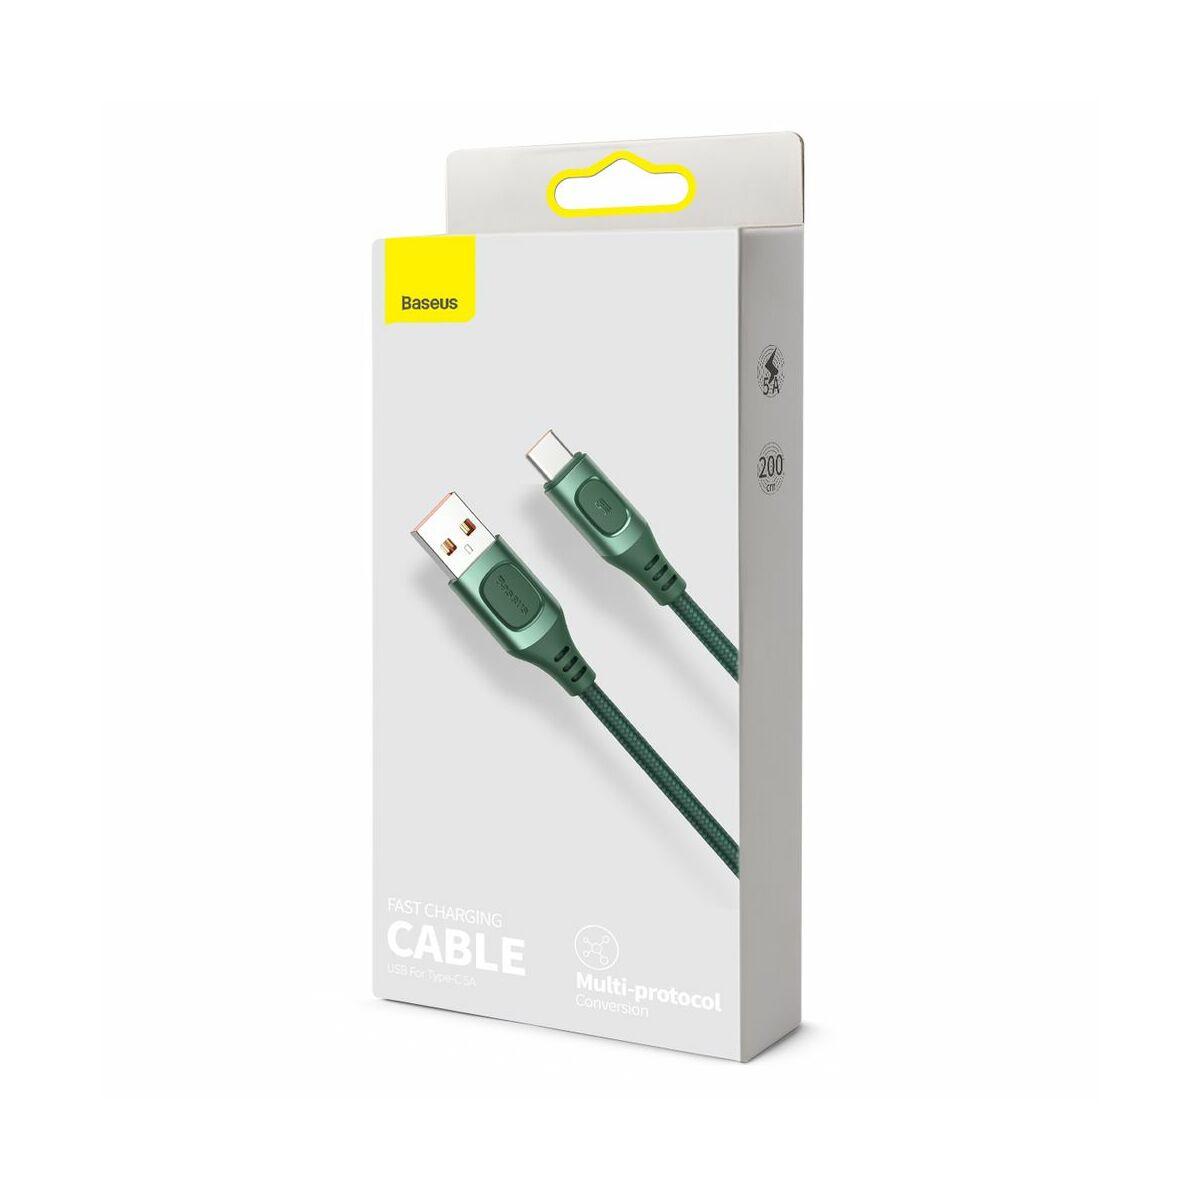 Baseus Type-C kábel, Flash Multiple, többféle gyorstöltő protokoll illesztő funkcióval, 5A, 2m, zöld (CATSS-B06)